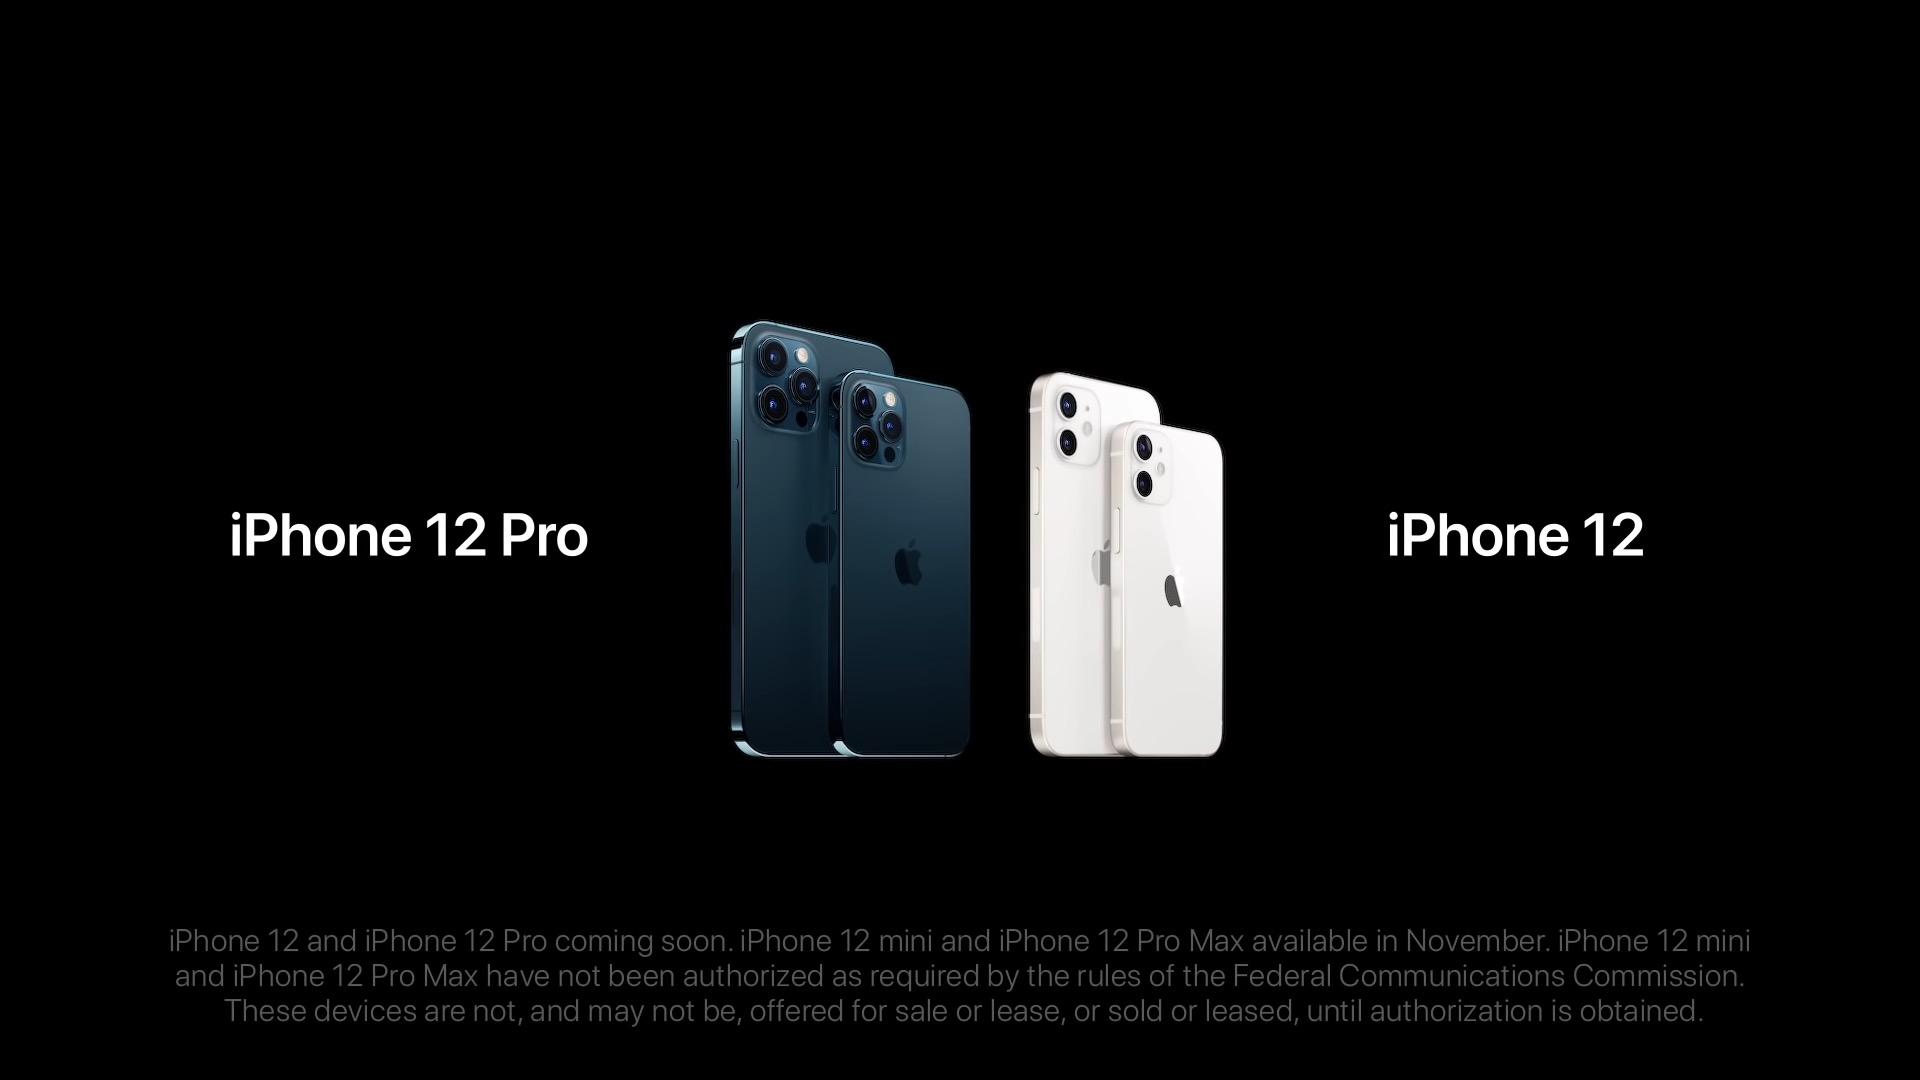 L'iPhone 12 n'impactera pas la fin d'année autant que prévu